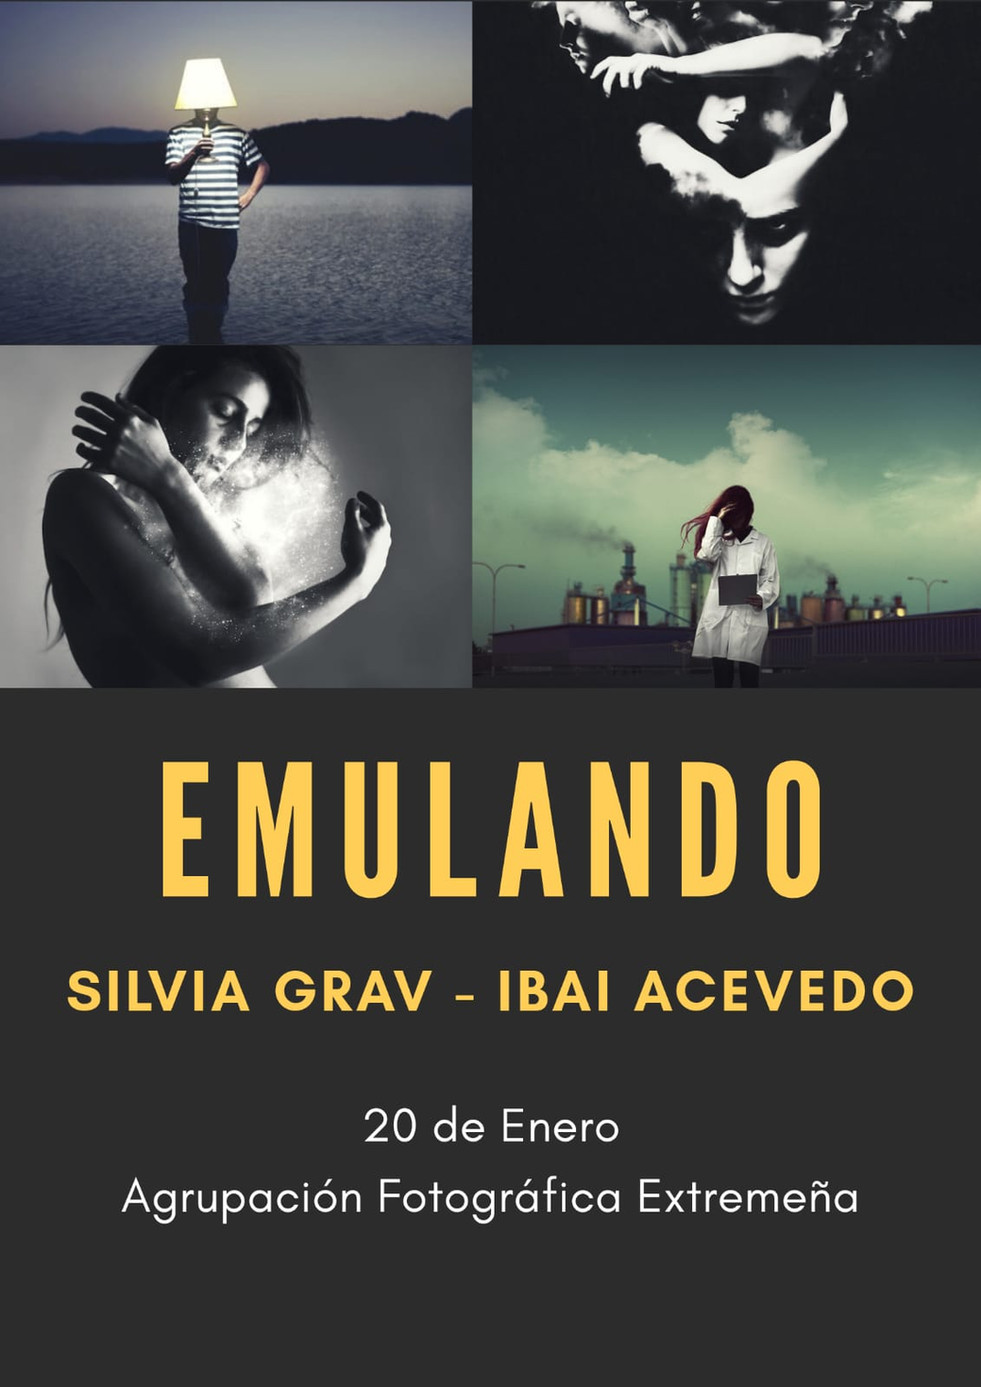 EMULANDO A SILVIA GRAV - IBAI ACEVEDO